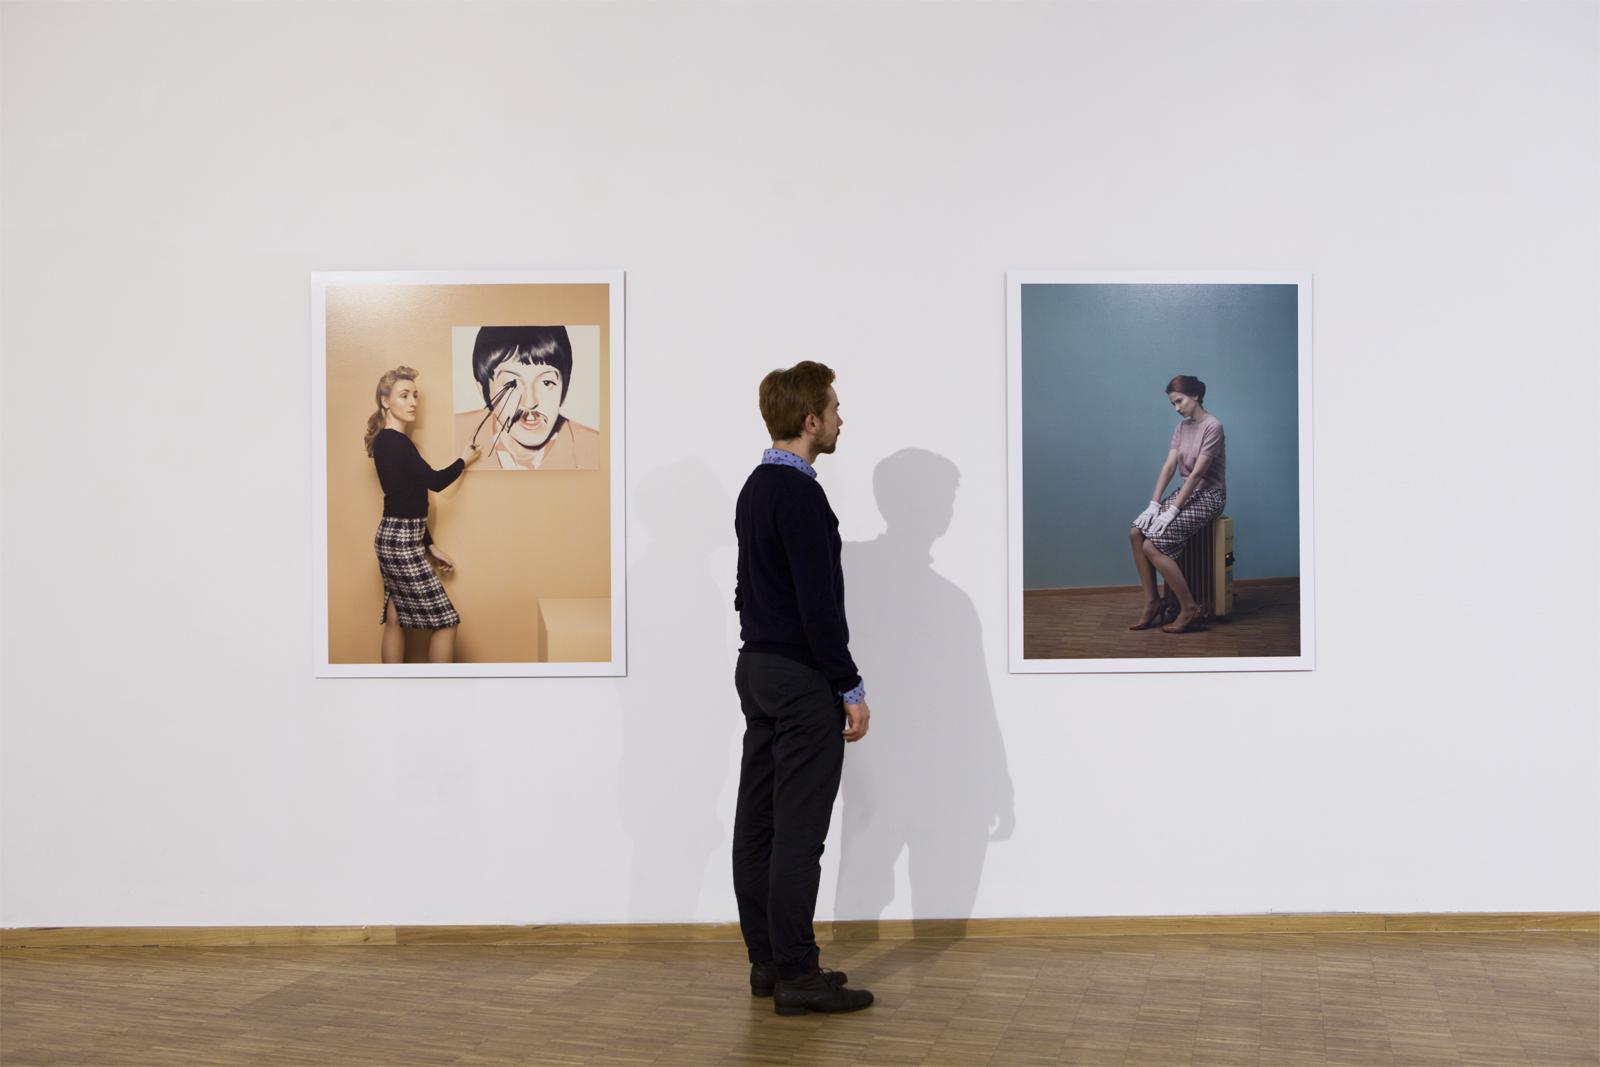 """Jacek Kołodziejski, seria """"Pani zgalerii"""", 2014, fotografie"""